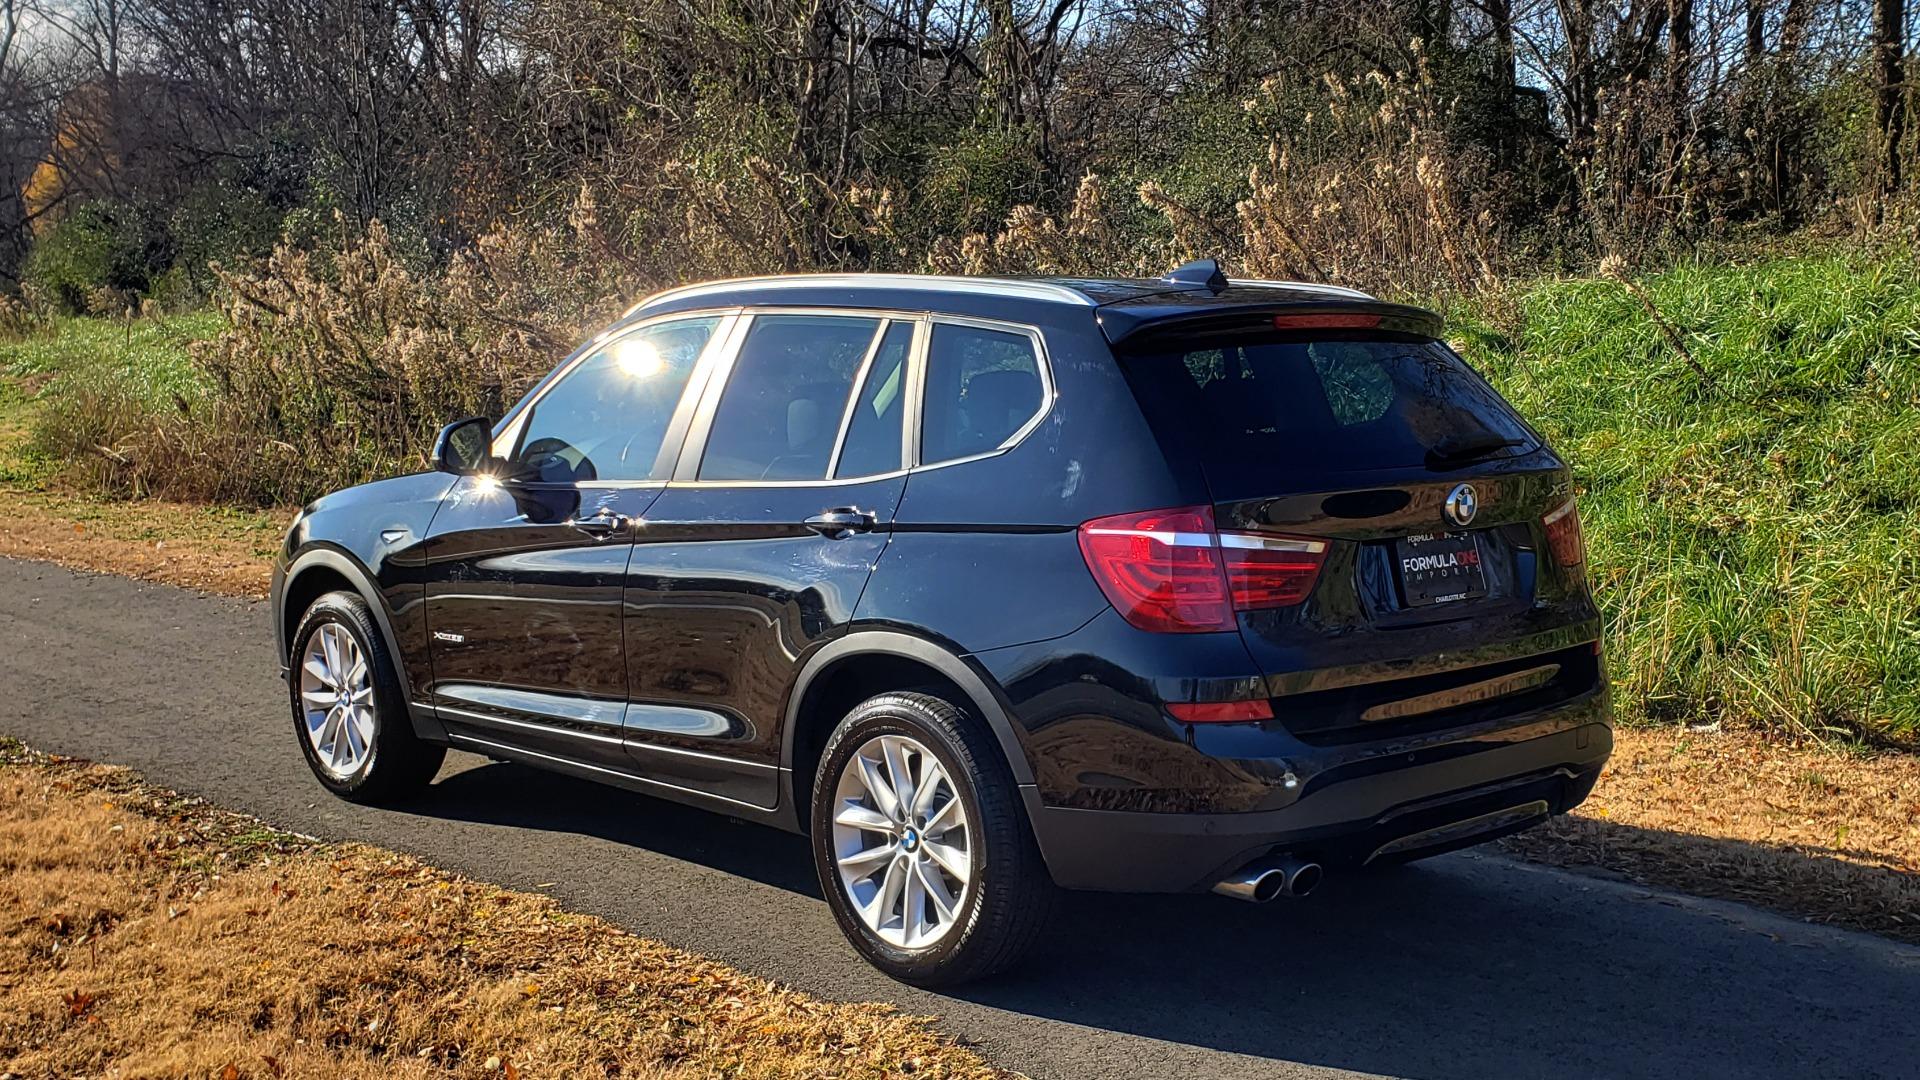 Used 2017 BMW X3 XDRIVE28I / PREM PKG / NAV / DRVR ASST / HTD STS / CAMERAS for sale Sold at Formula Imports in Charlotte NC 28227 8